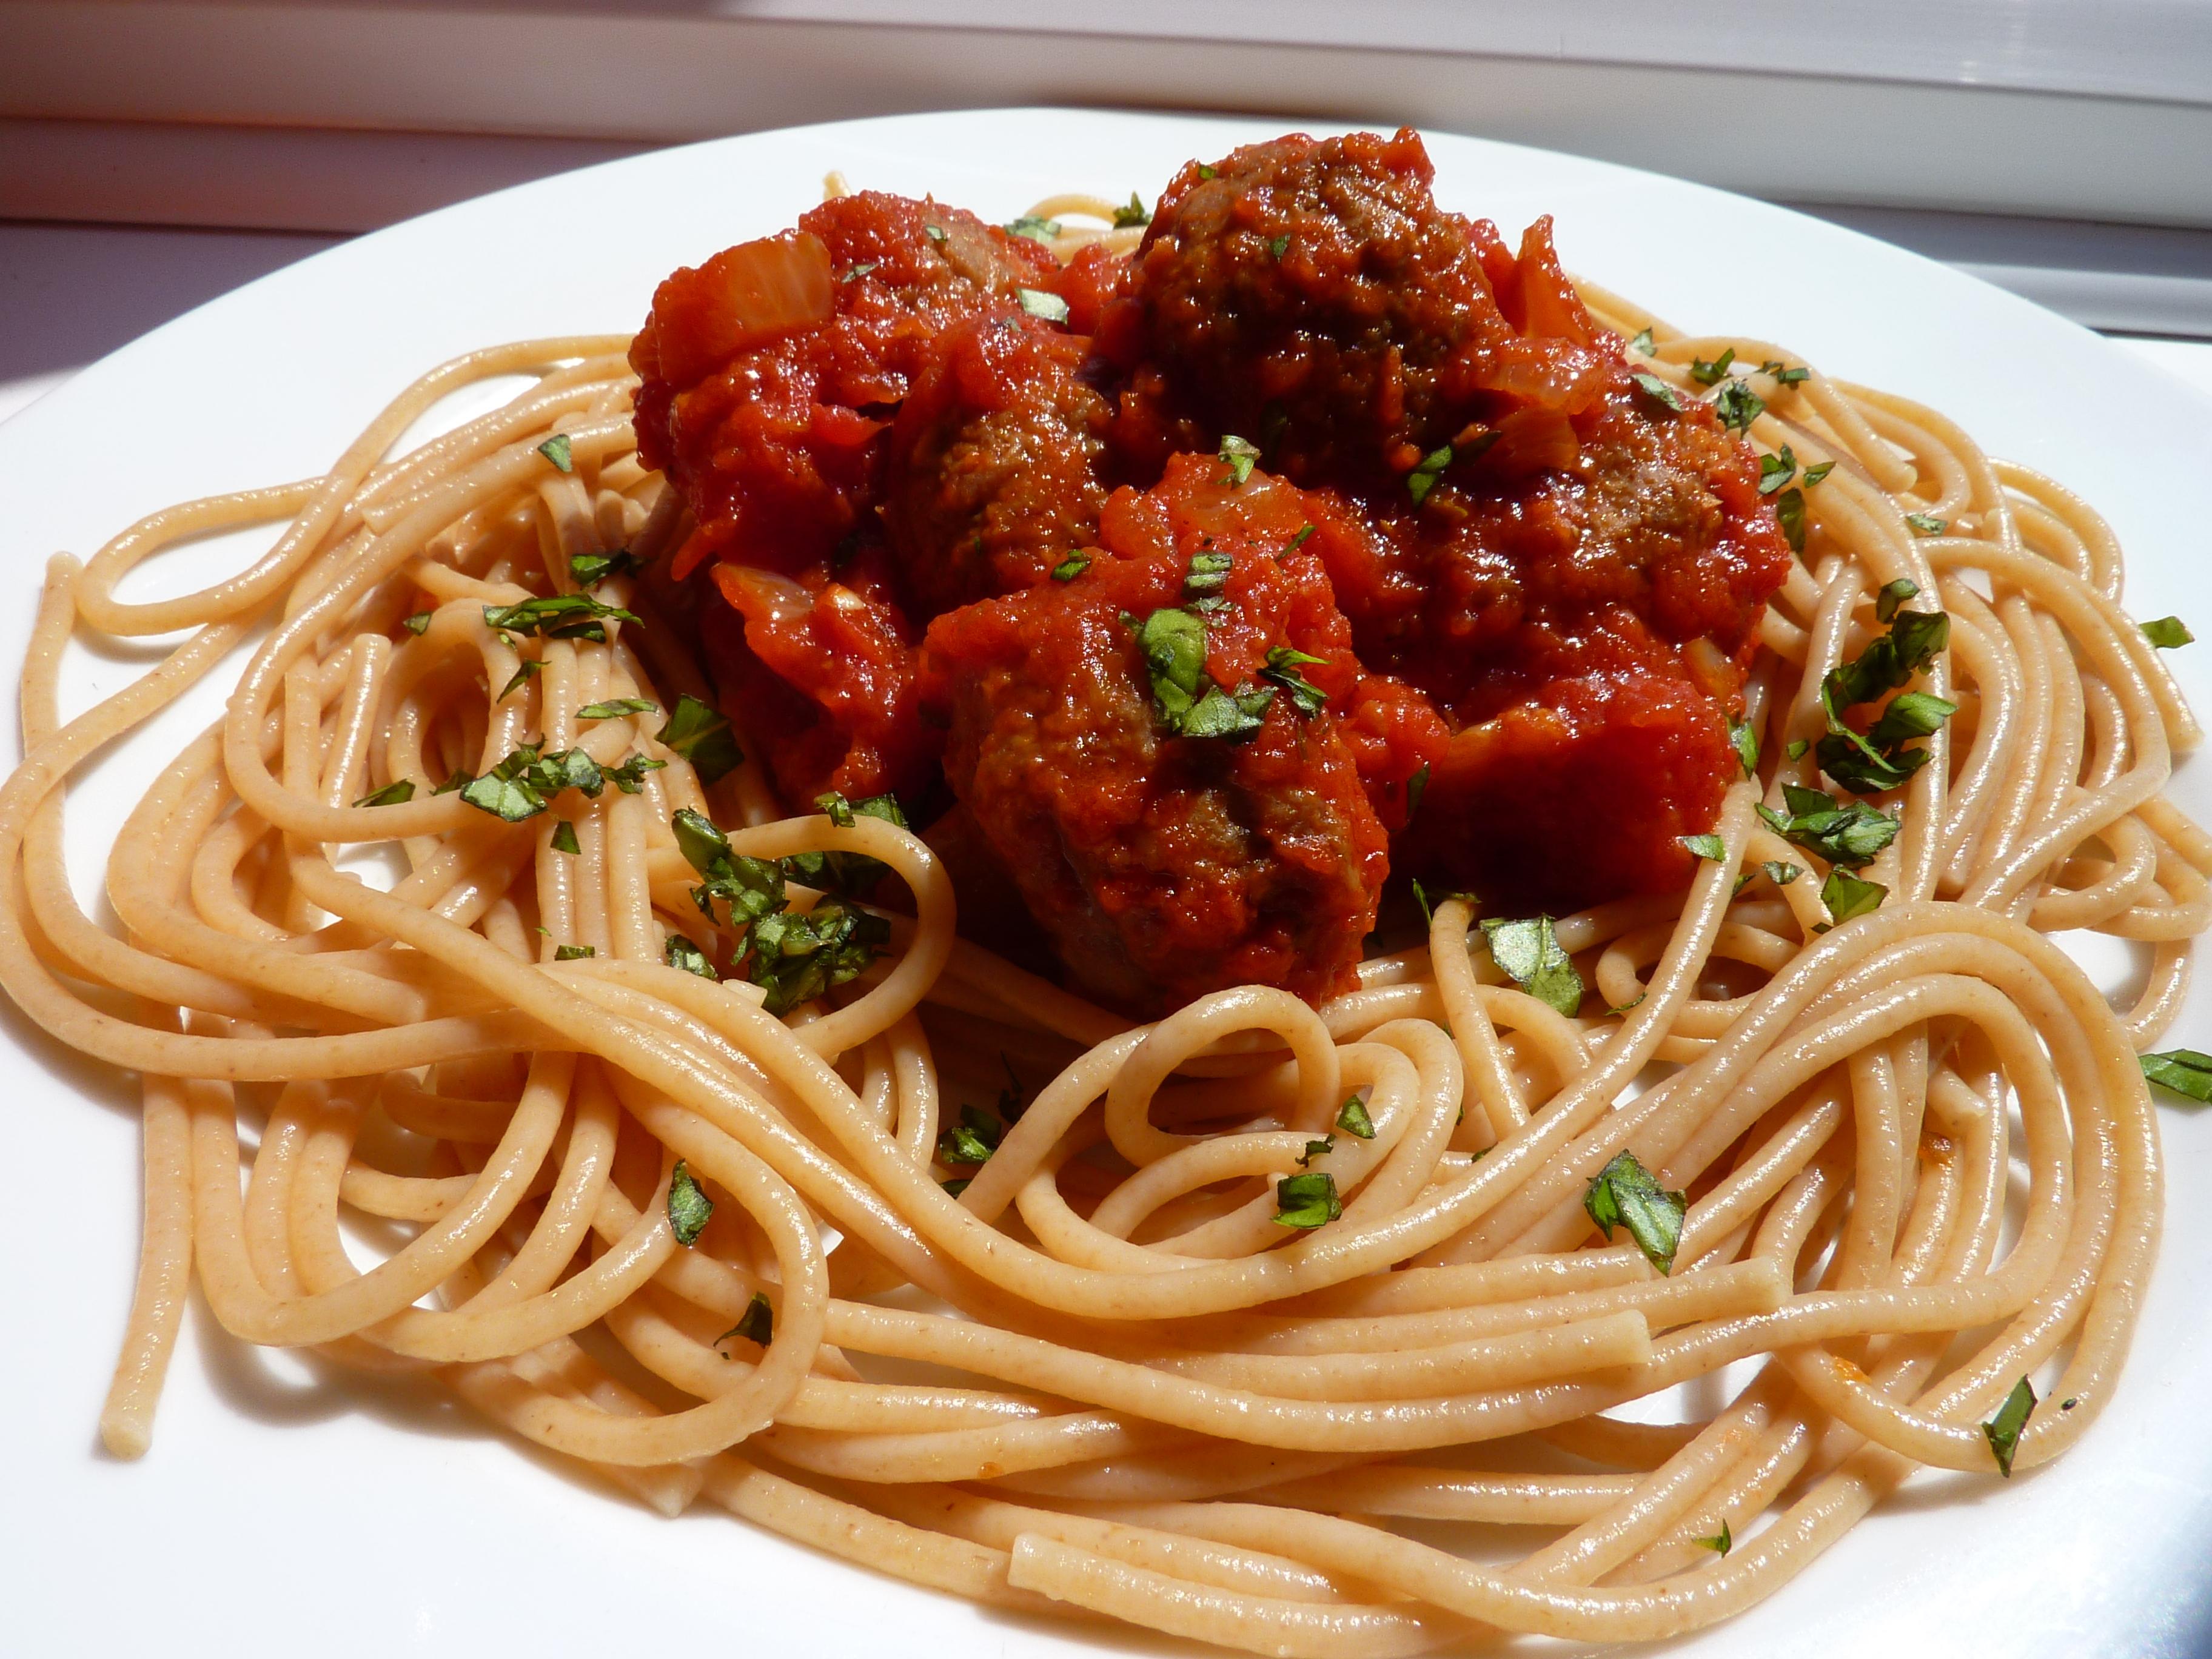 Spaghetti & Quorn meatballs